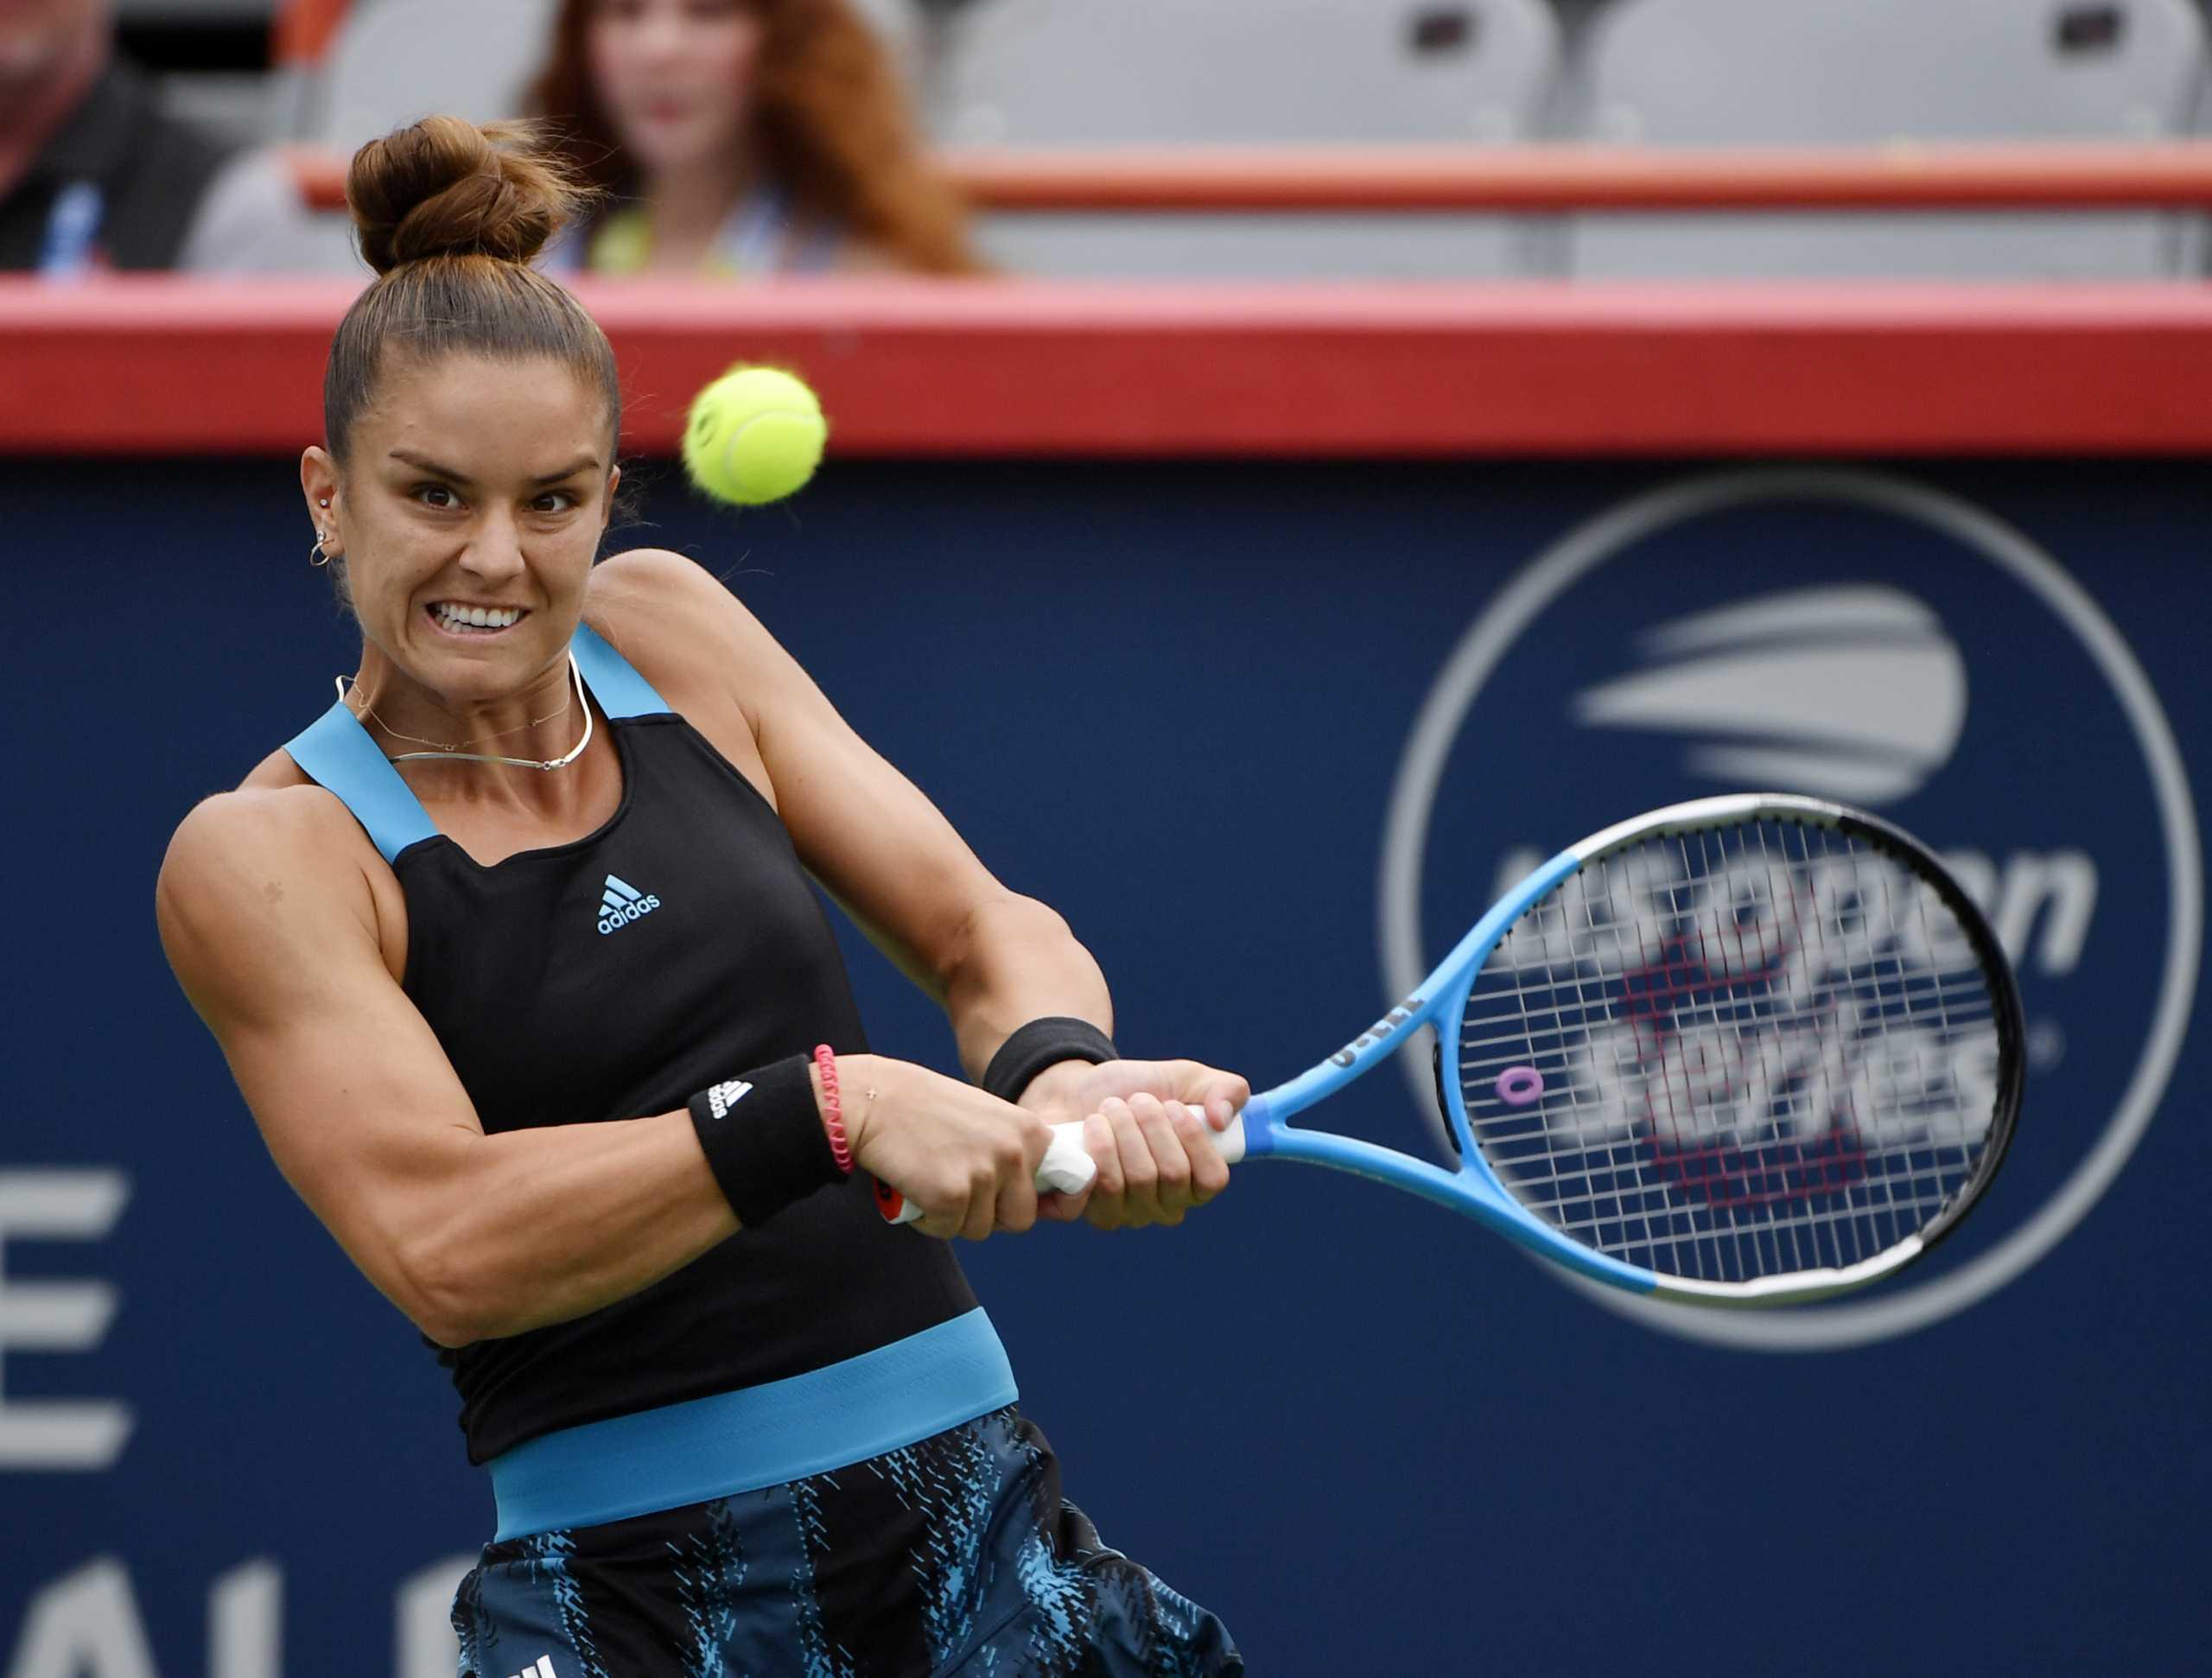 Μαρία Σάκκαρη – Βικτόρια Αζαρένκα 1-2: «Λύγισε» στο τάι μπρέικ και αποκλείστηκε στο Rogers Cup